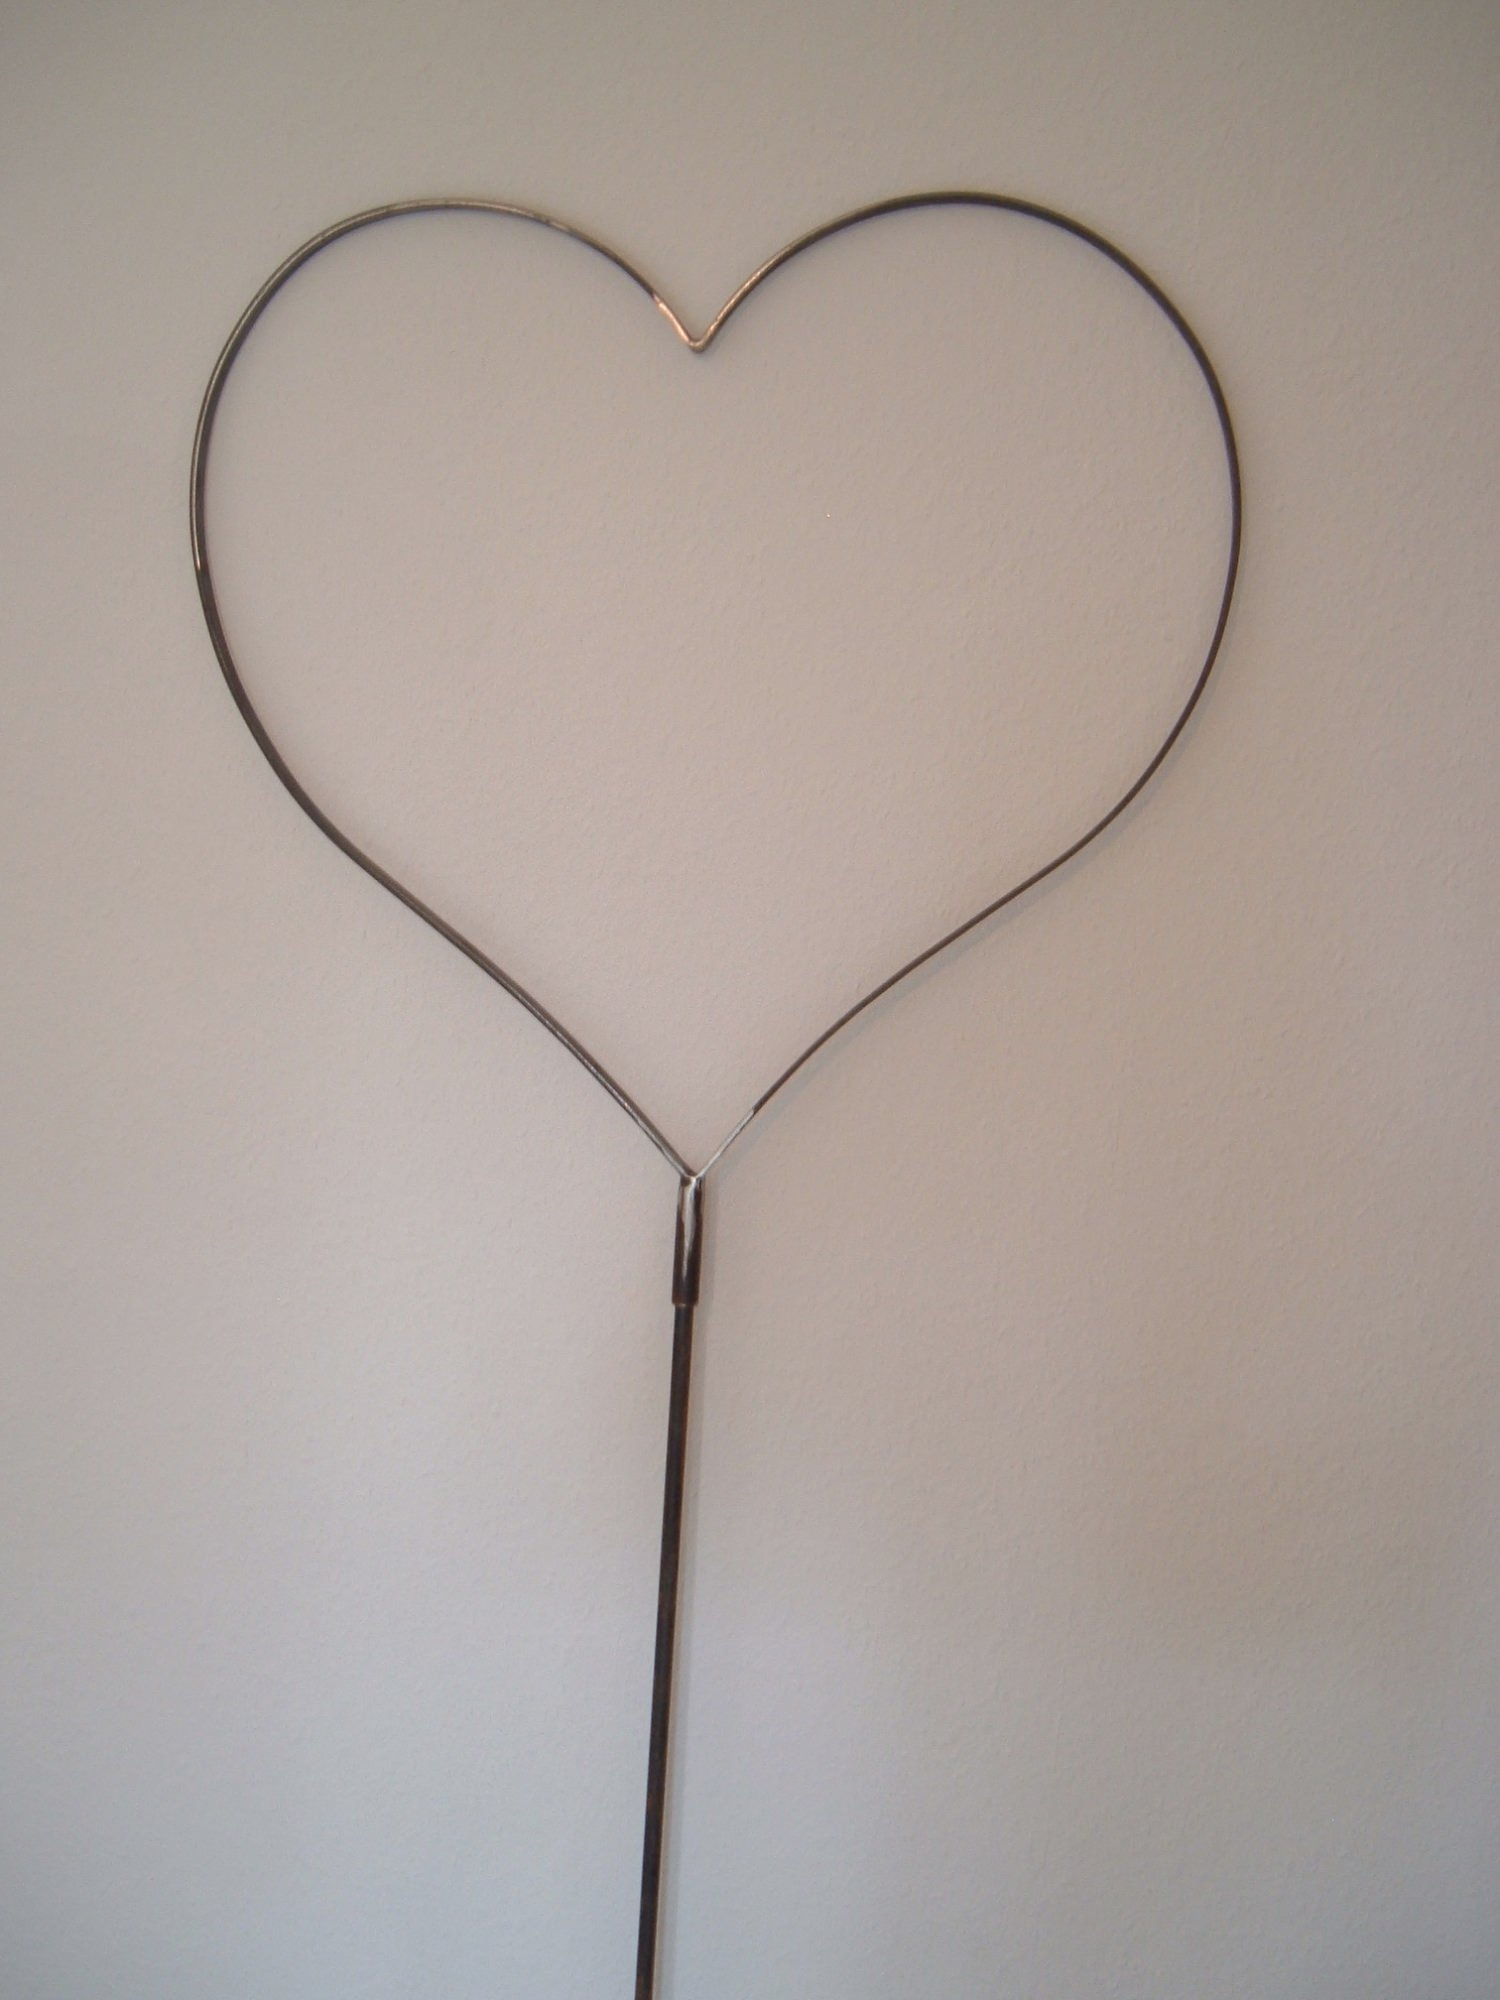 Kleinesbild - XL Herz aus Metall extra groß zum kränzen einbinden mit Grün - Geburtstag - Jubiläum - Hochzeit